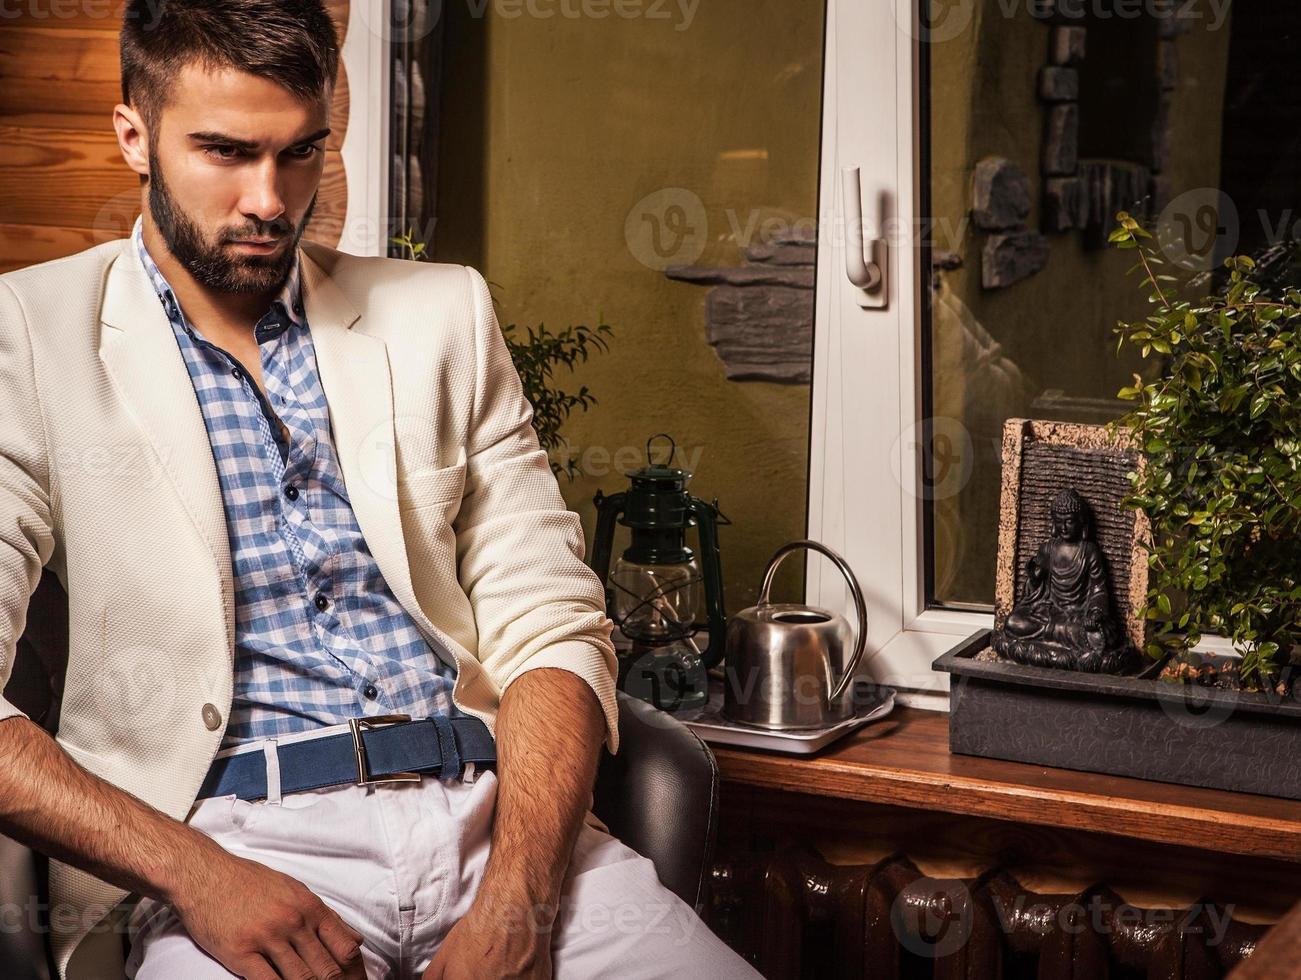 jonge aantrekkelijke bebaarde mannen poseren in moderne kamer. close-up foto. foto